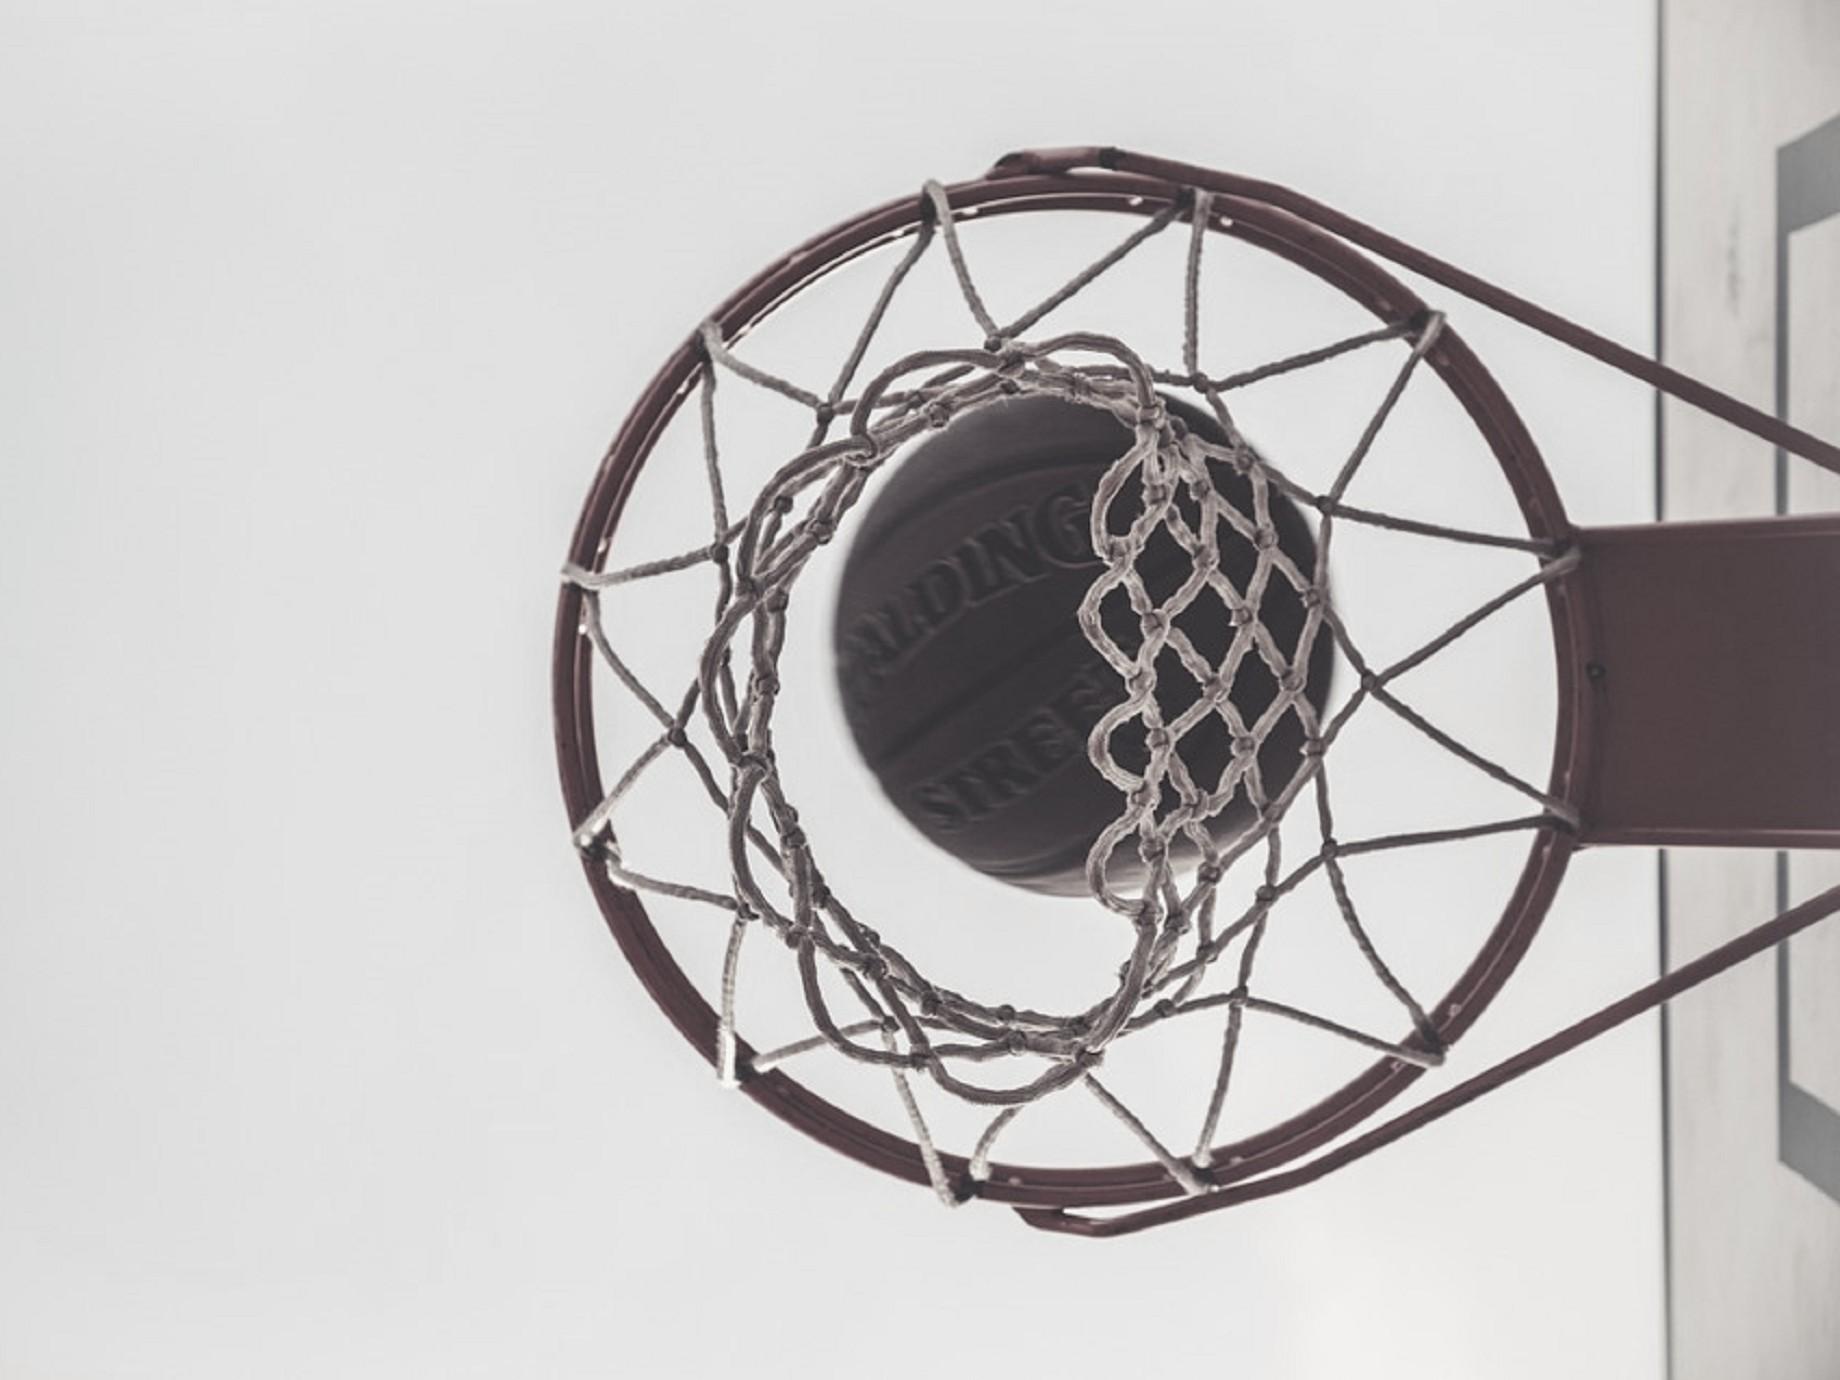 以數據觀點來看Kobe Bryant退休,透過網路社群帶動「懷舊經濟」